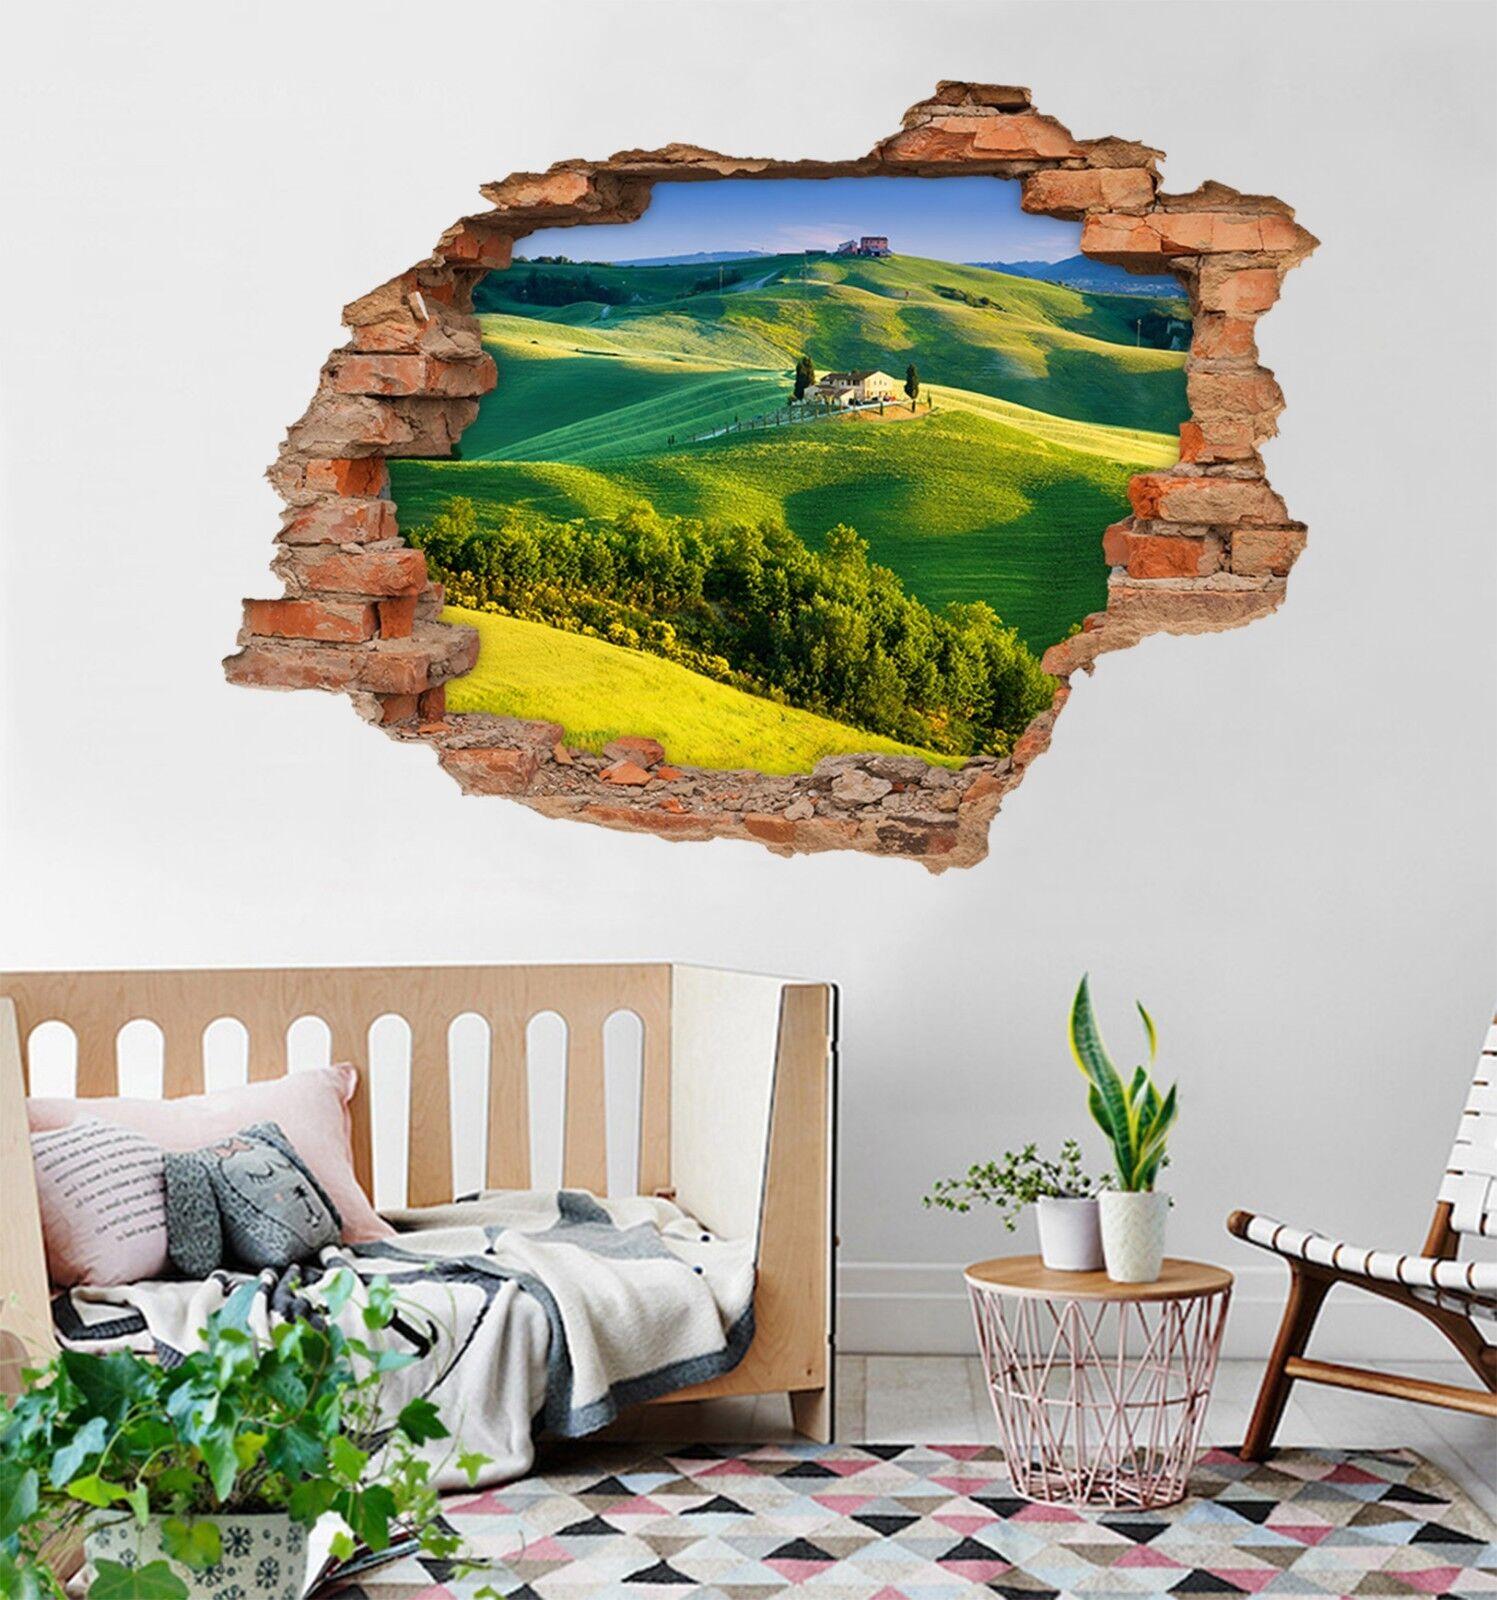 3D Grüne Berge 136 Mauer Murals Mauer Aufklebe Decal Durchbruch AJ WALLPAPER DE